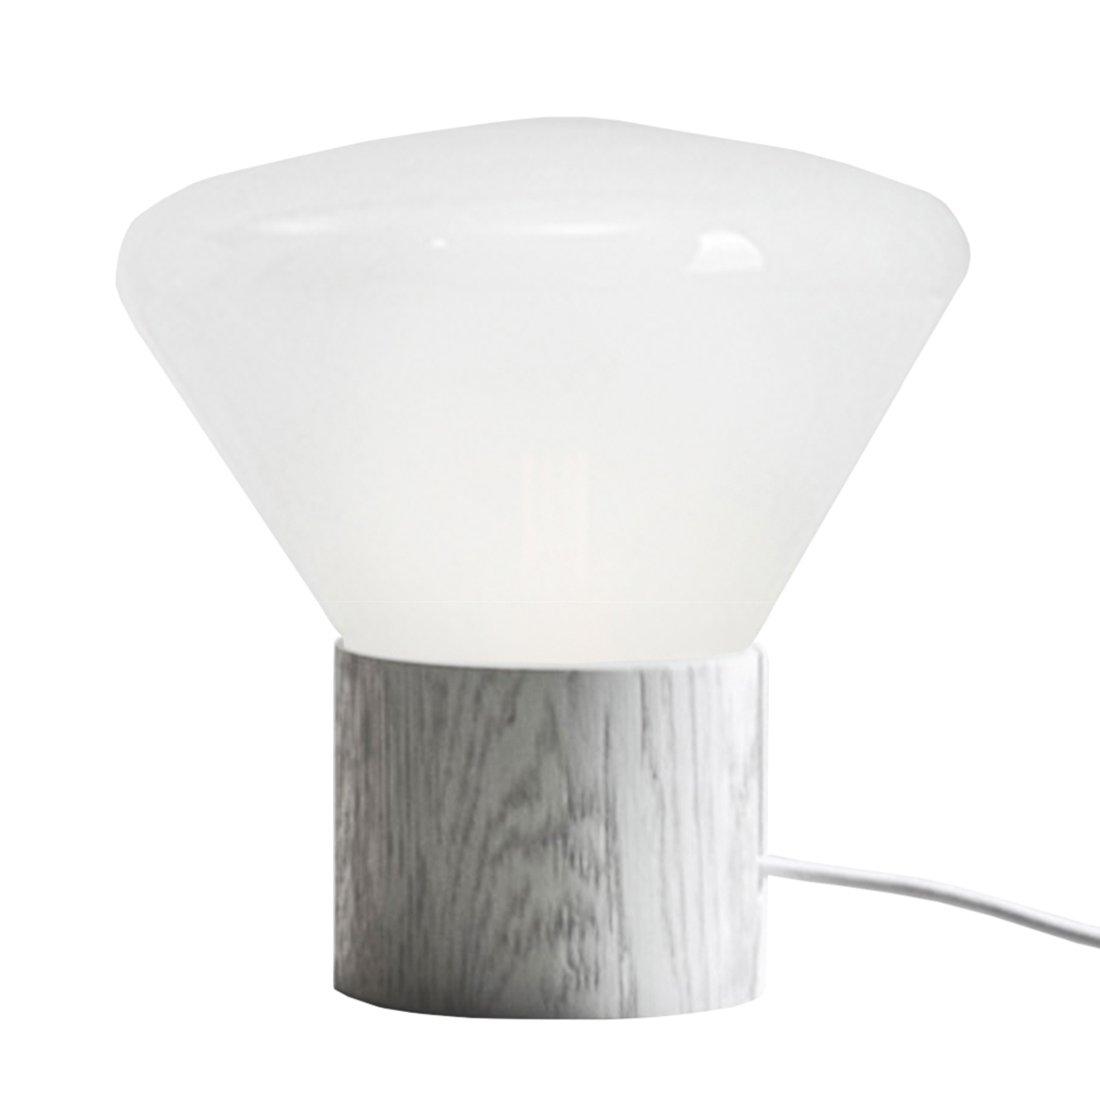 Brokis Muffin Tafellamp Large Opaal Wit - Wit Eiken